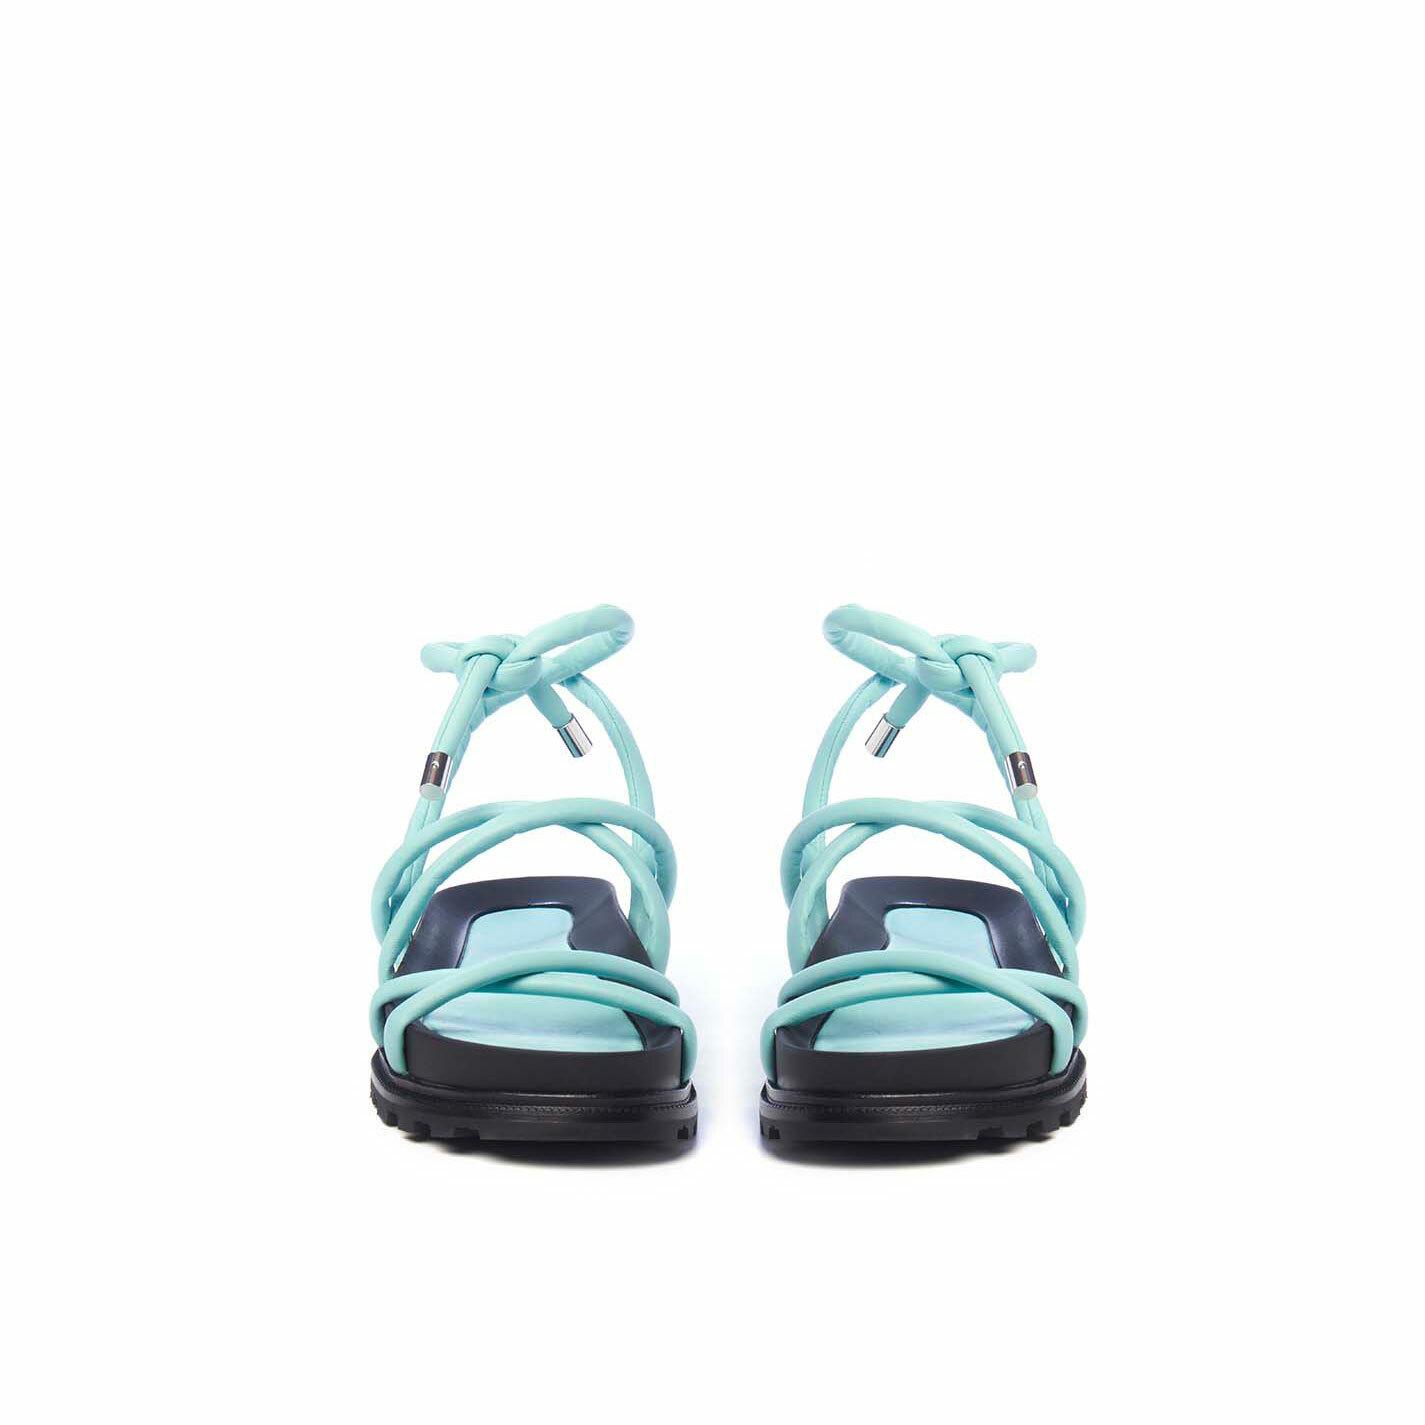 Sandalo fussbett con mignon celeste acqua